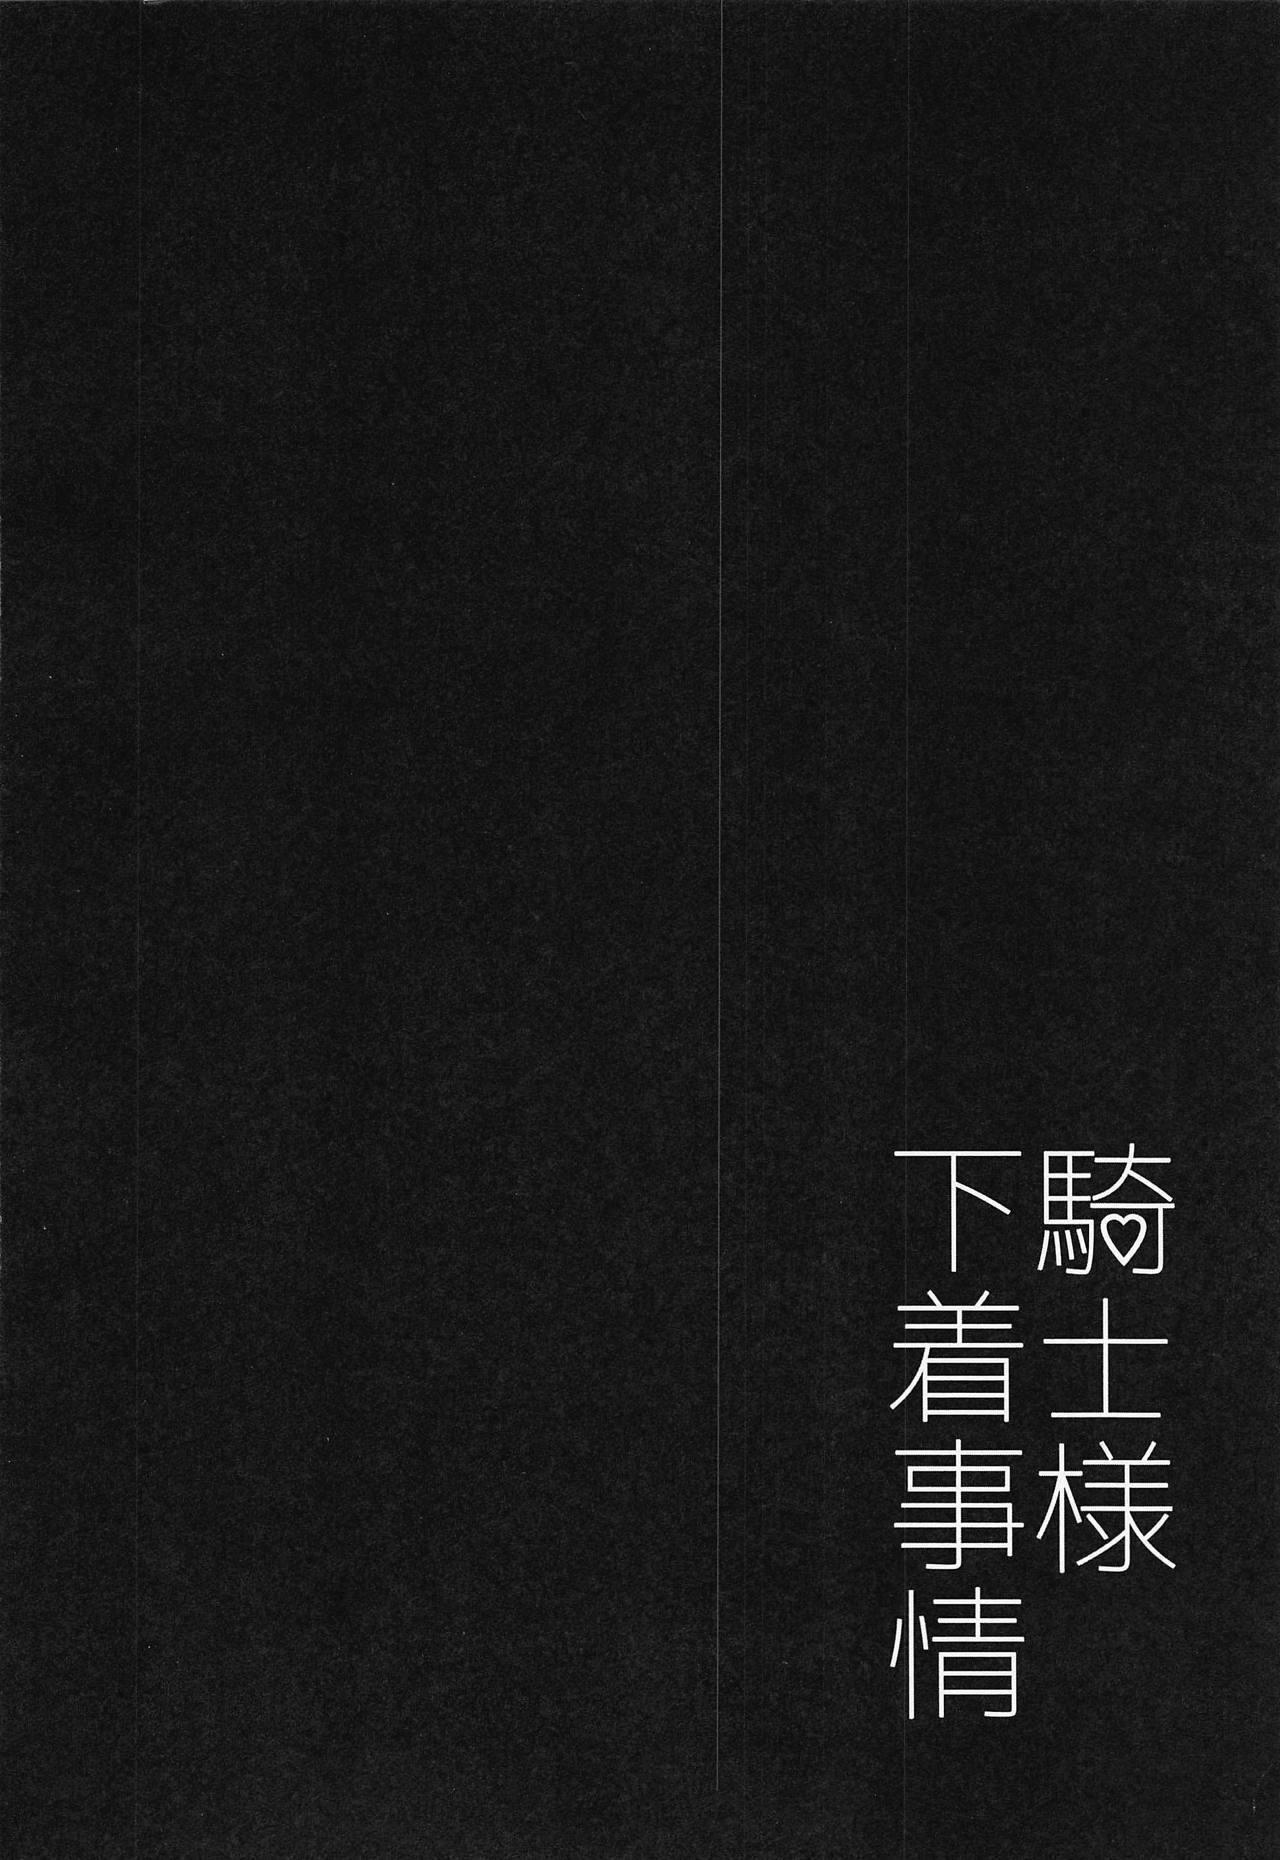 Kishi-sama Shitagi Jijou 2